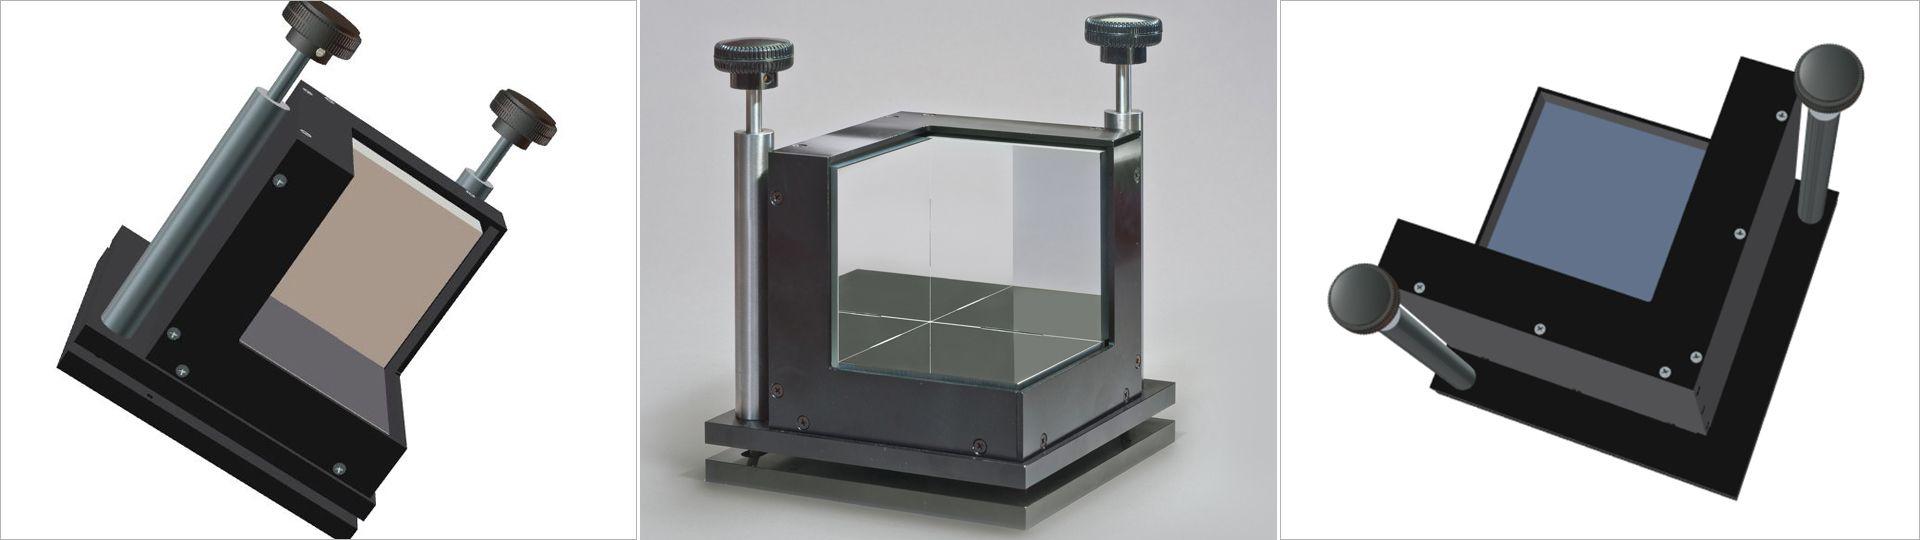 Tool Cube